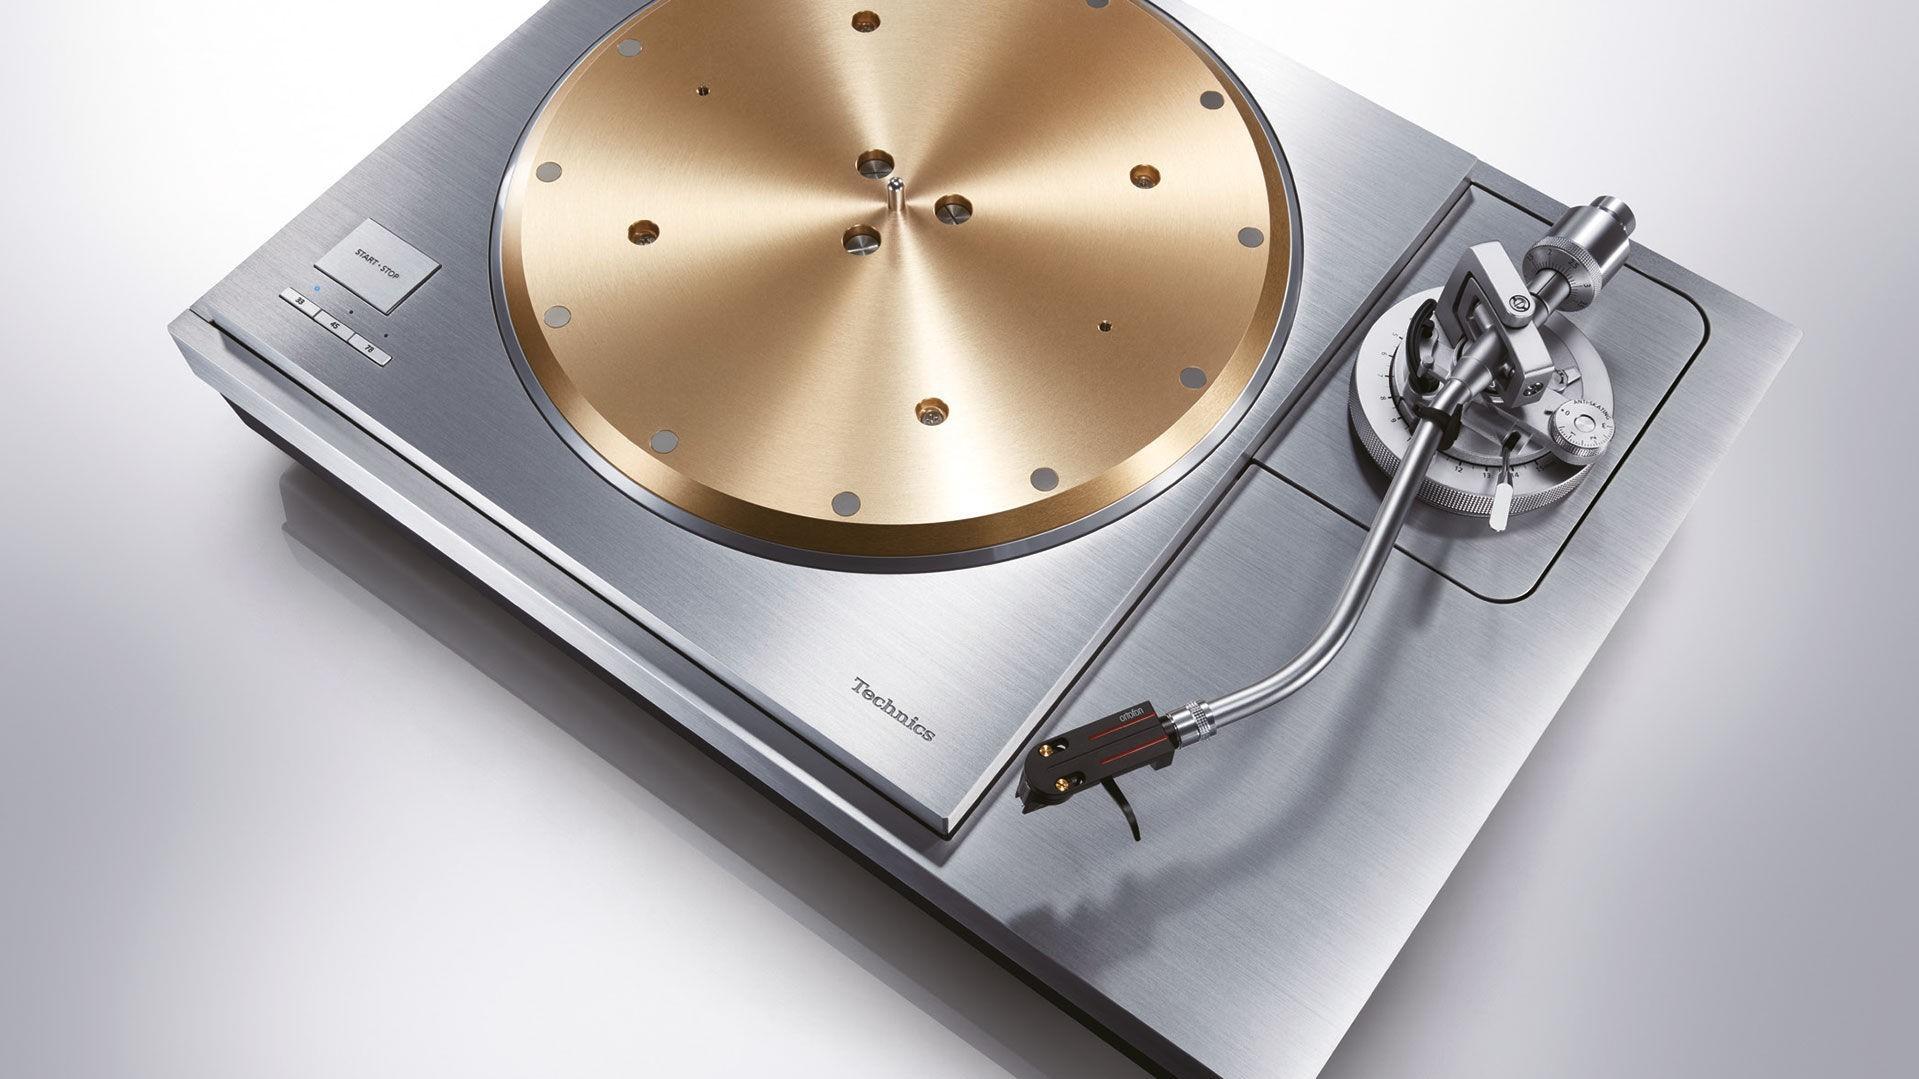 Виниловые проигрыватели Panasonic для любителей премиум-звучания